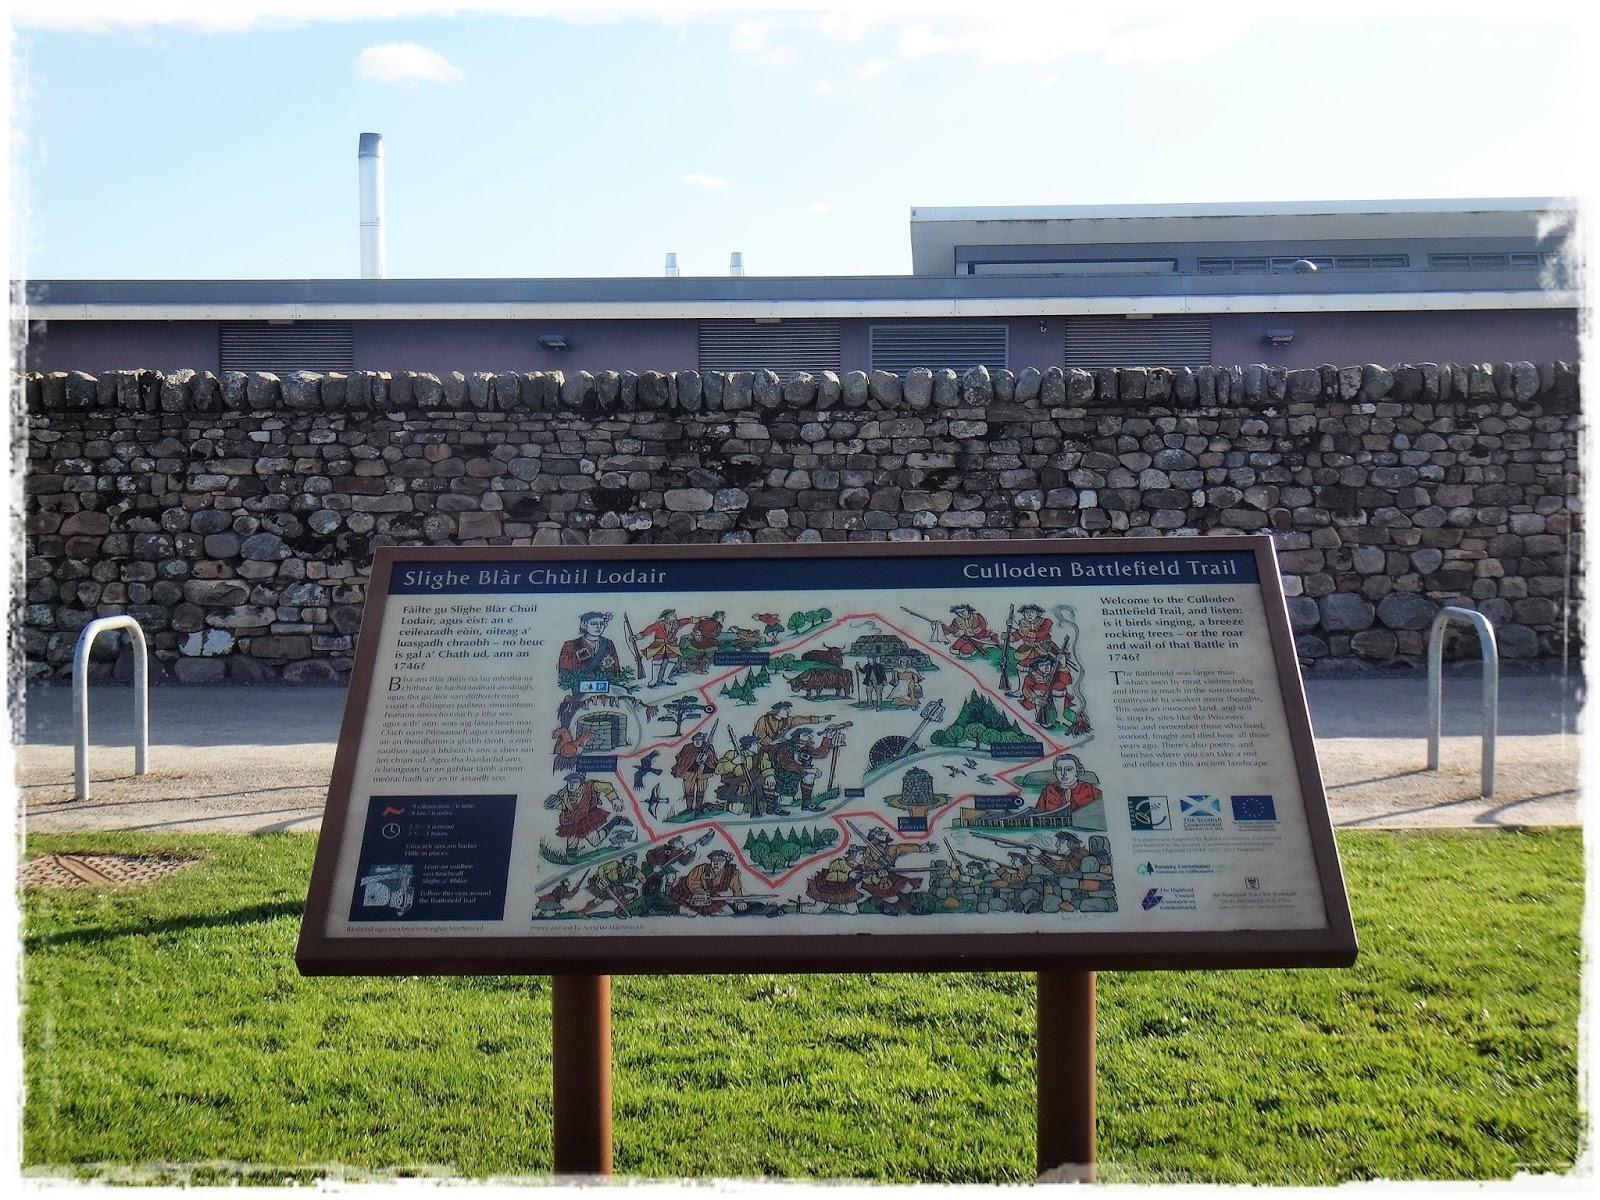 Culloden Battlefield Trail